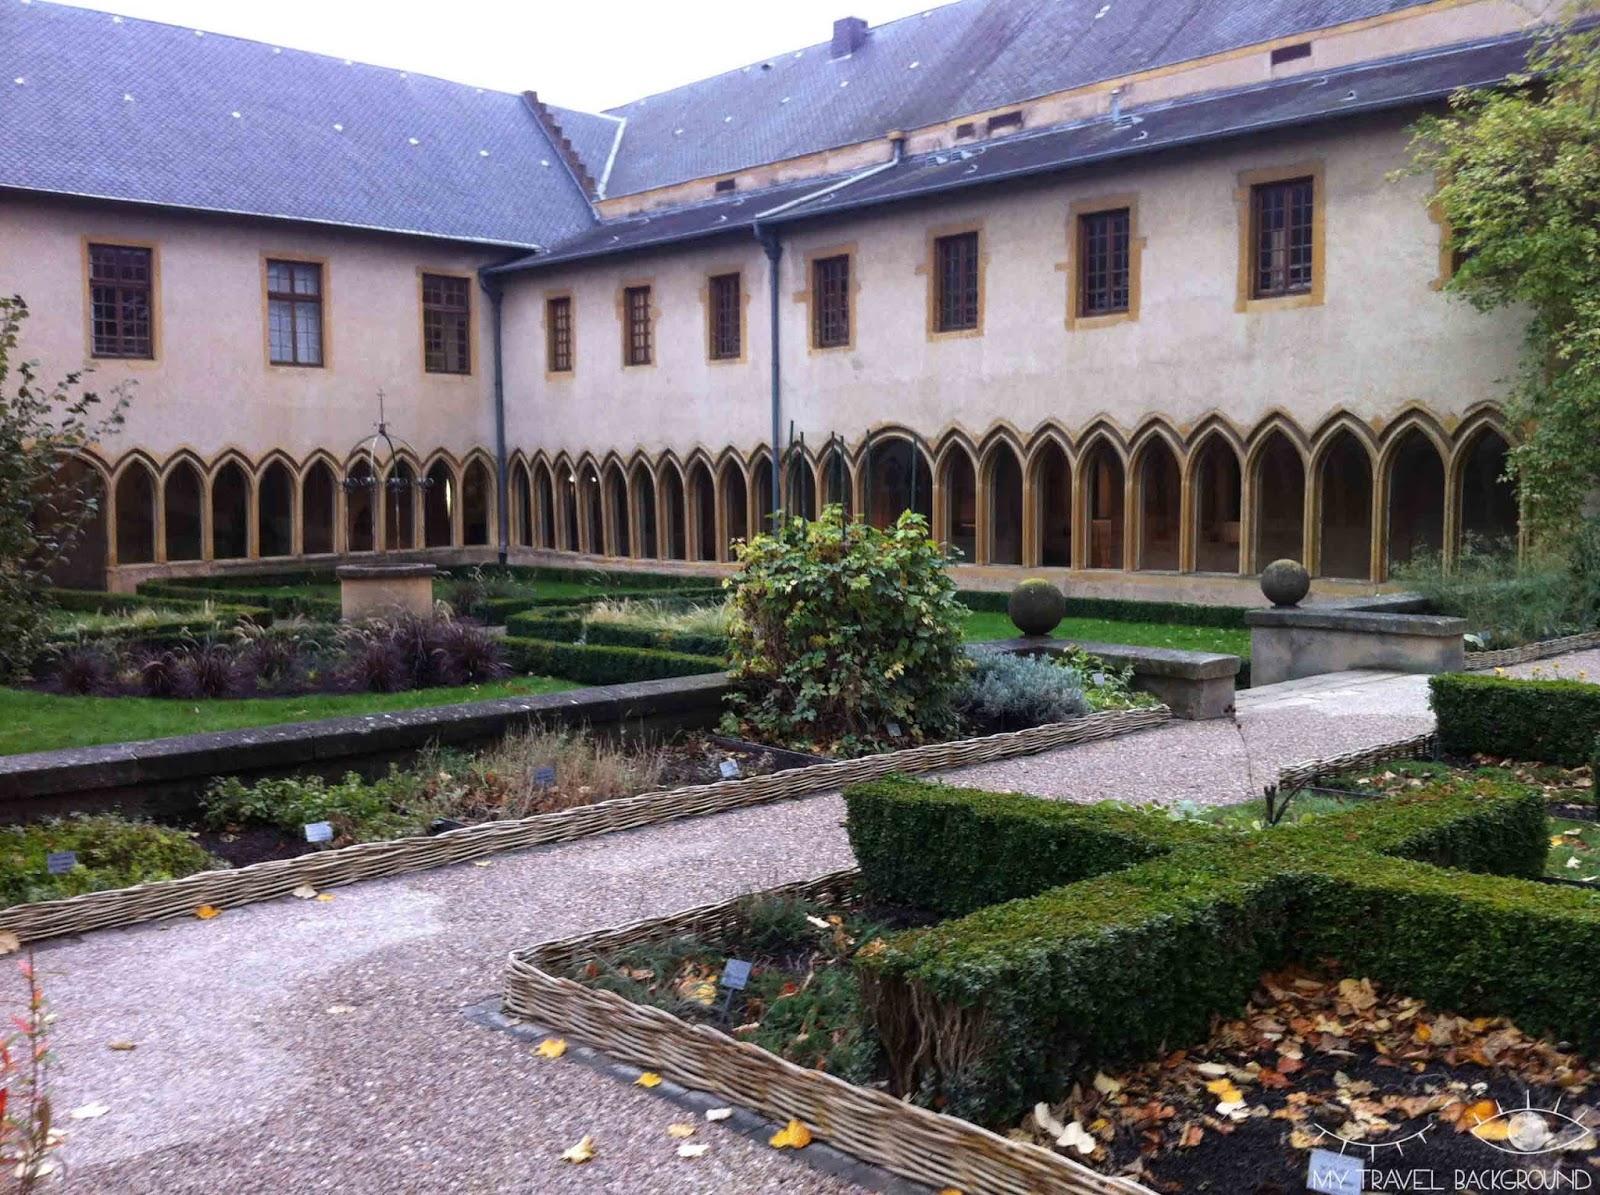 My Travel Background : 12 lieux à visiter à Metz - Cloître des Récollets